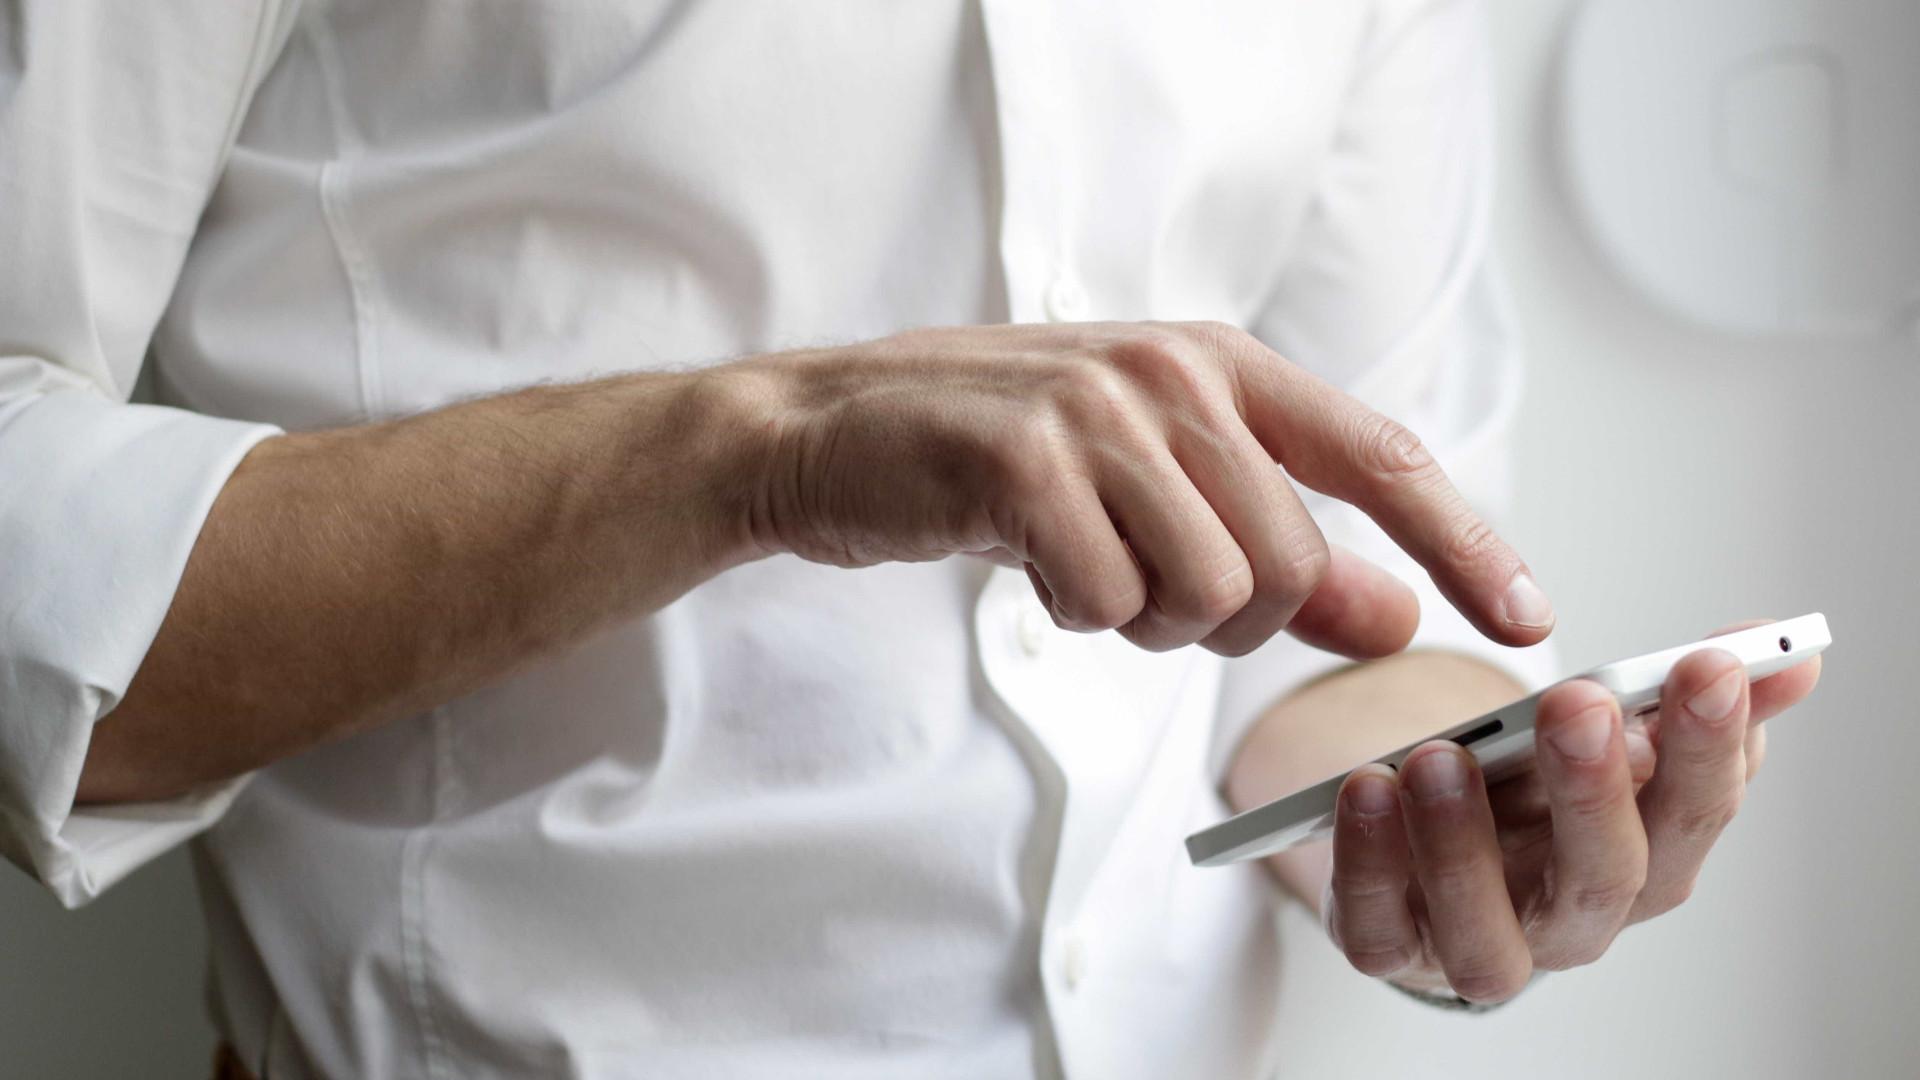 Banco Central planeja regulamentar pagamento instantâneo por celular